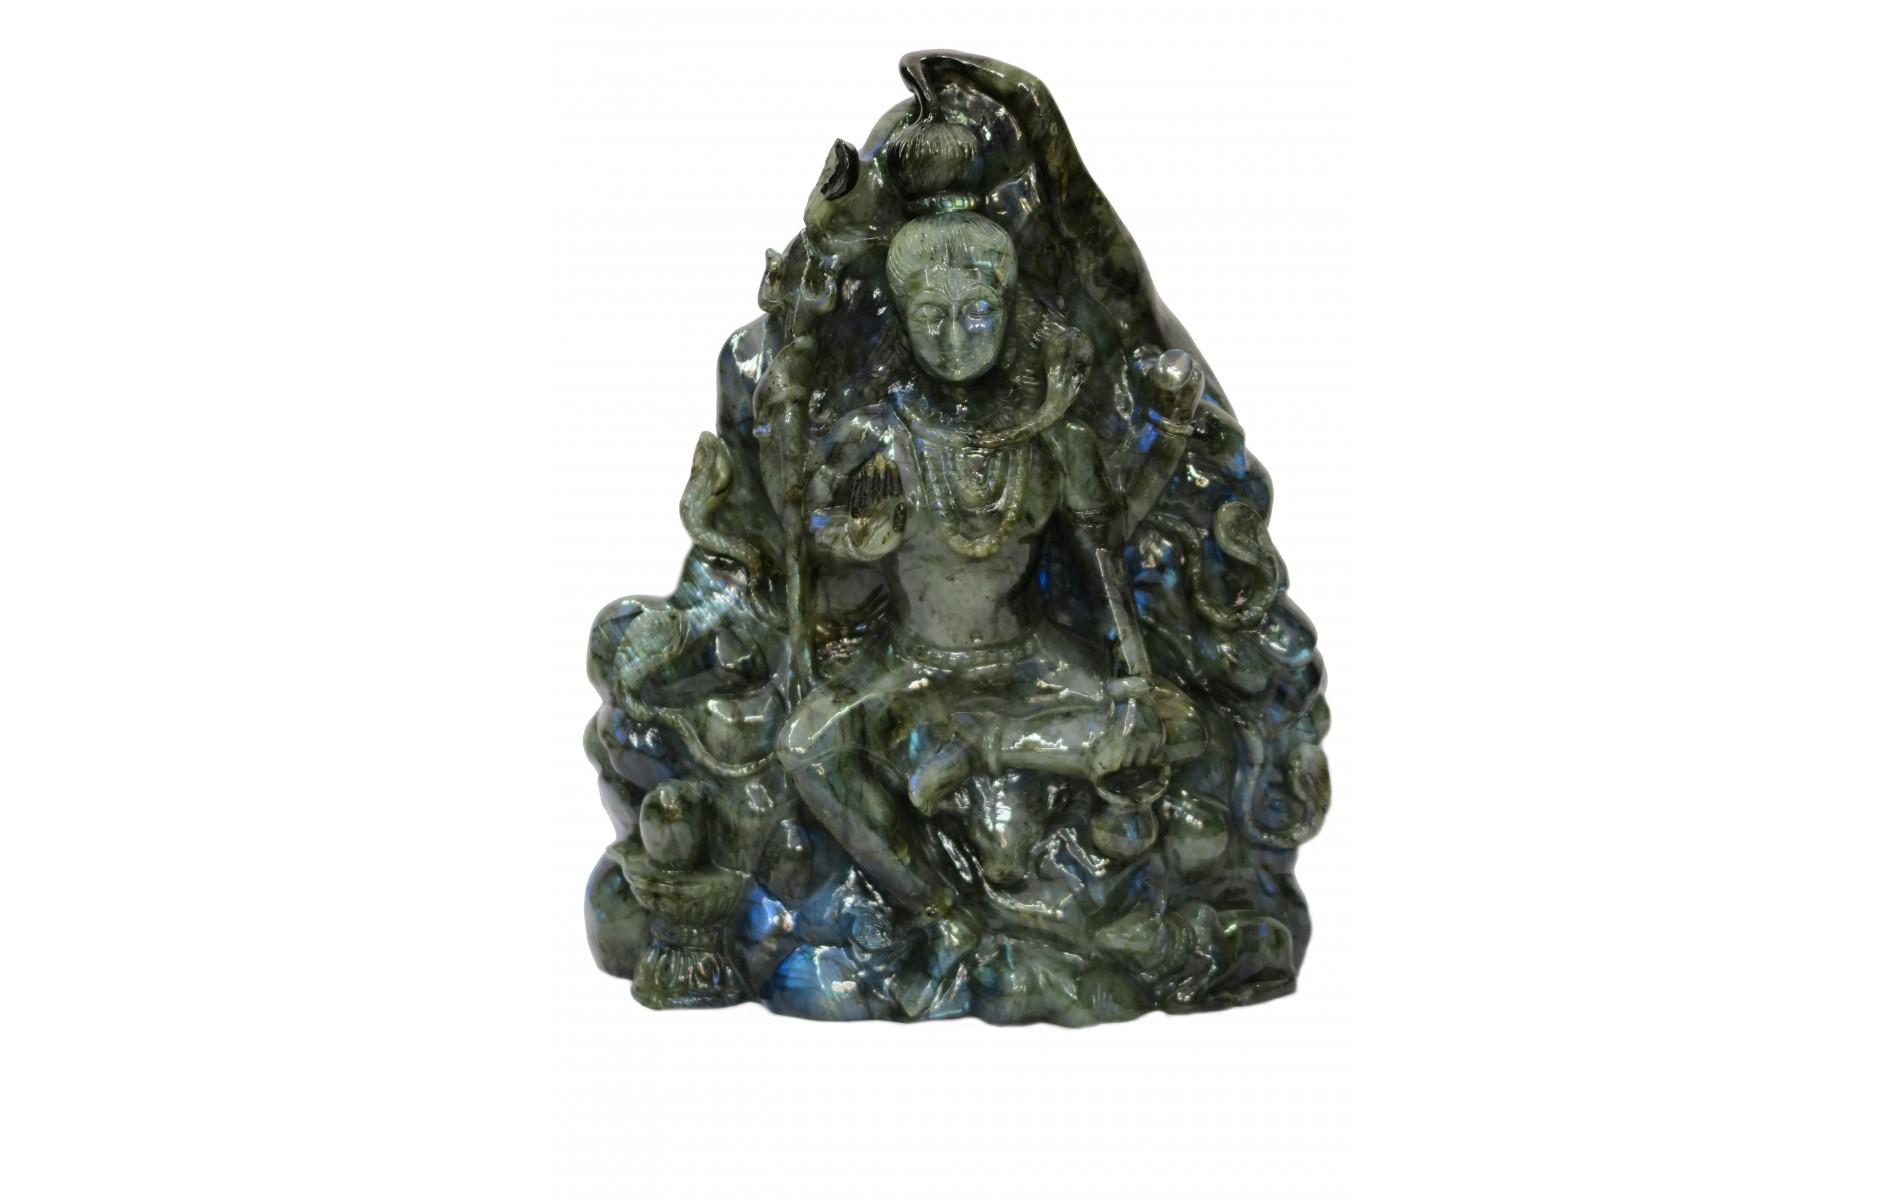 Shiva Statue HandCarved in Labradorite Stone